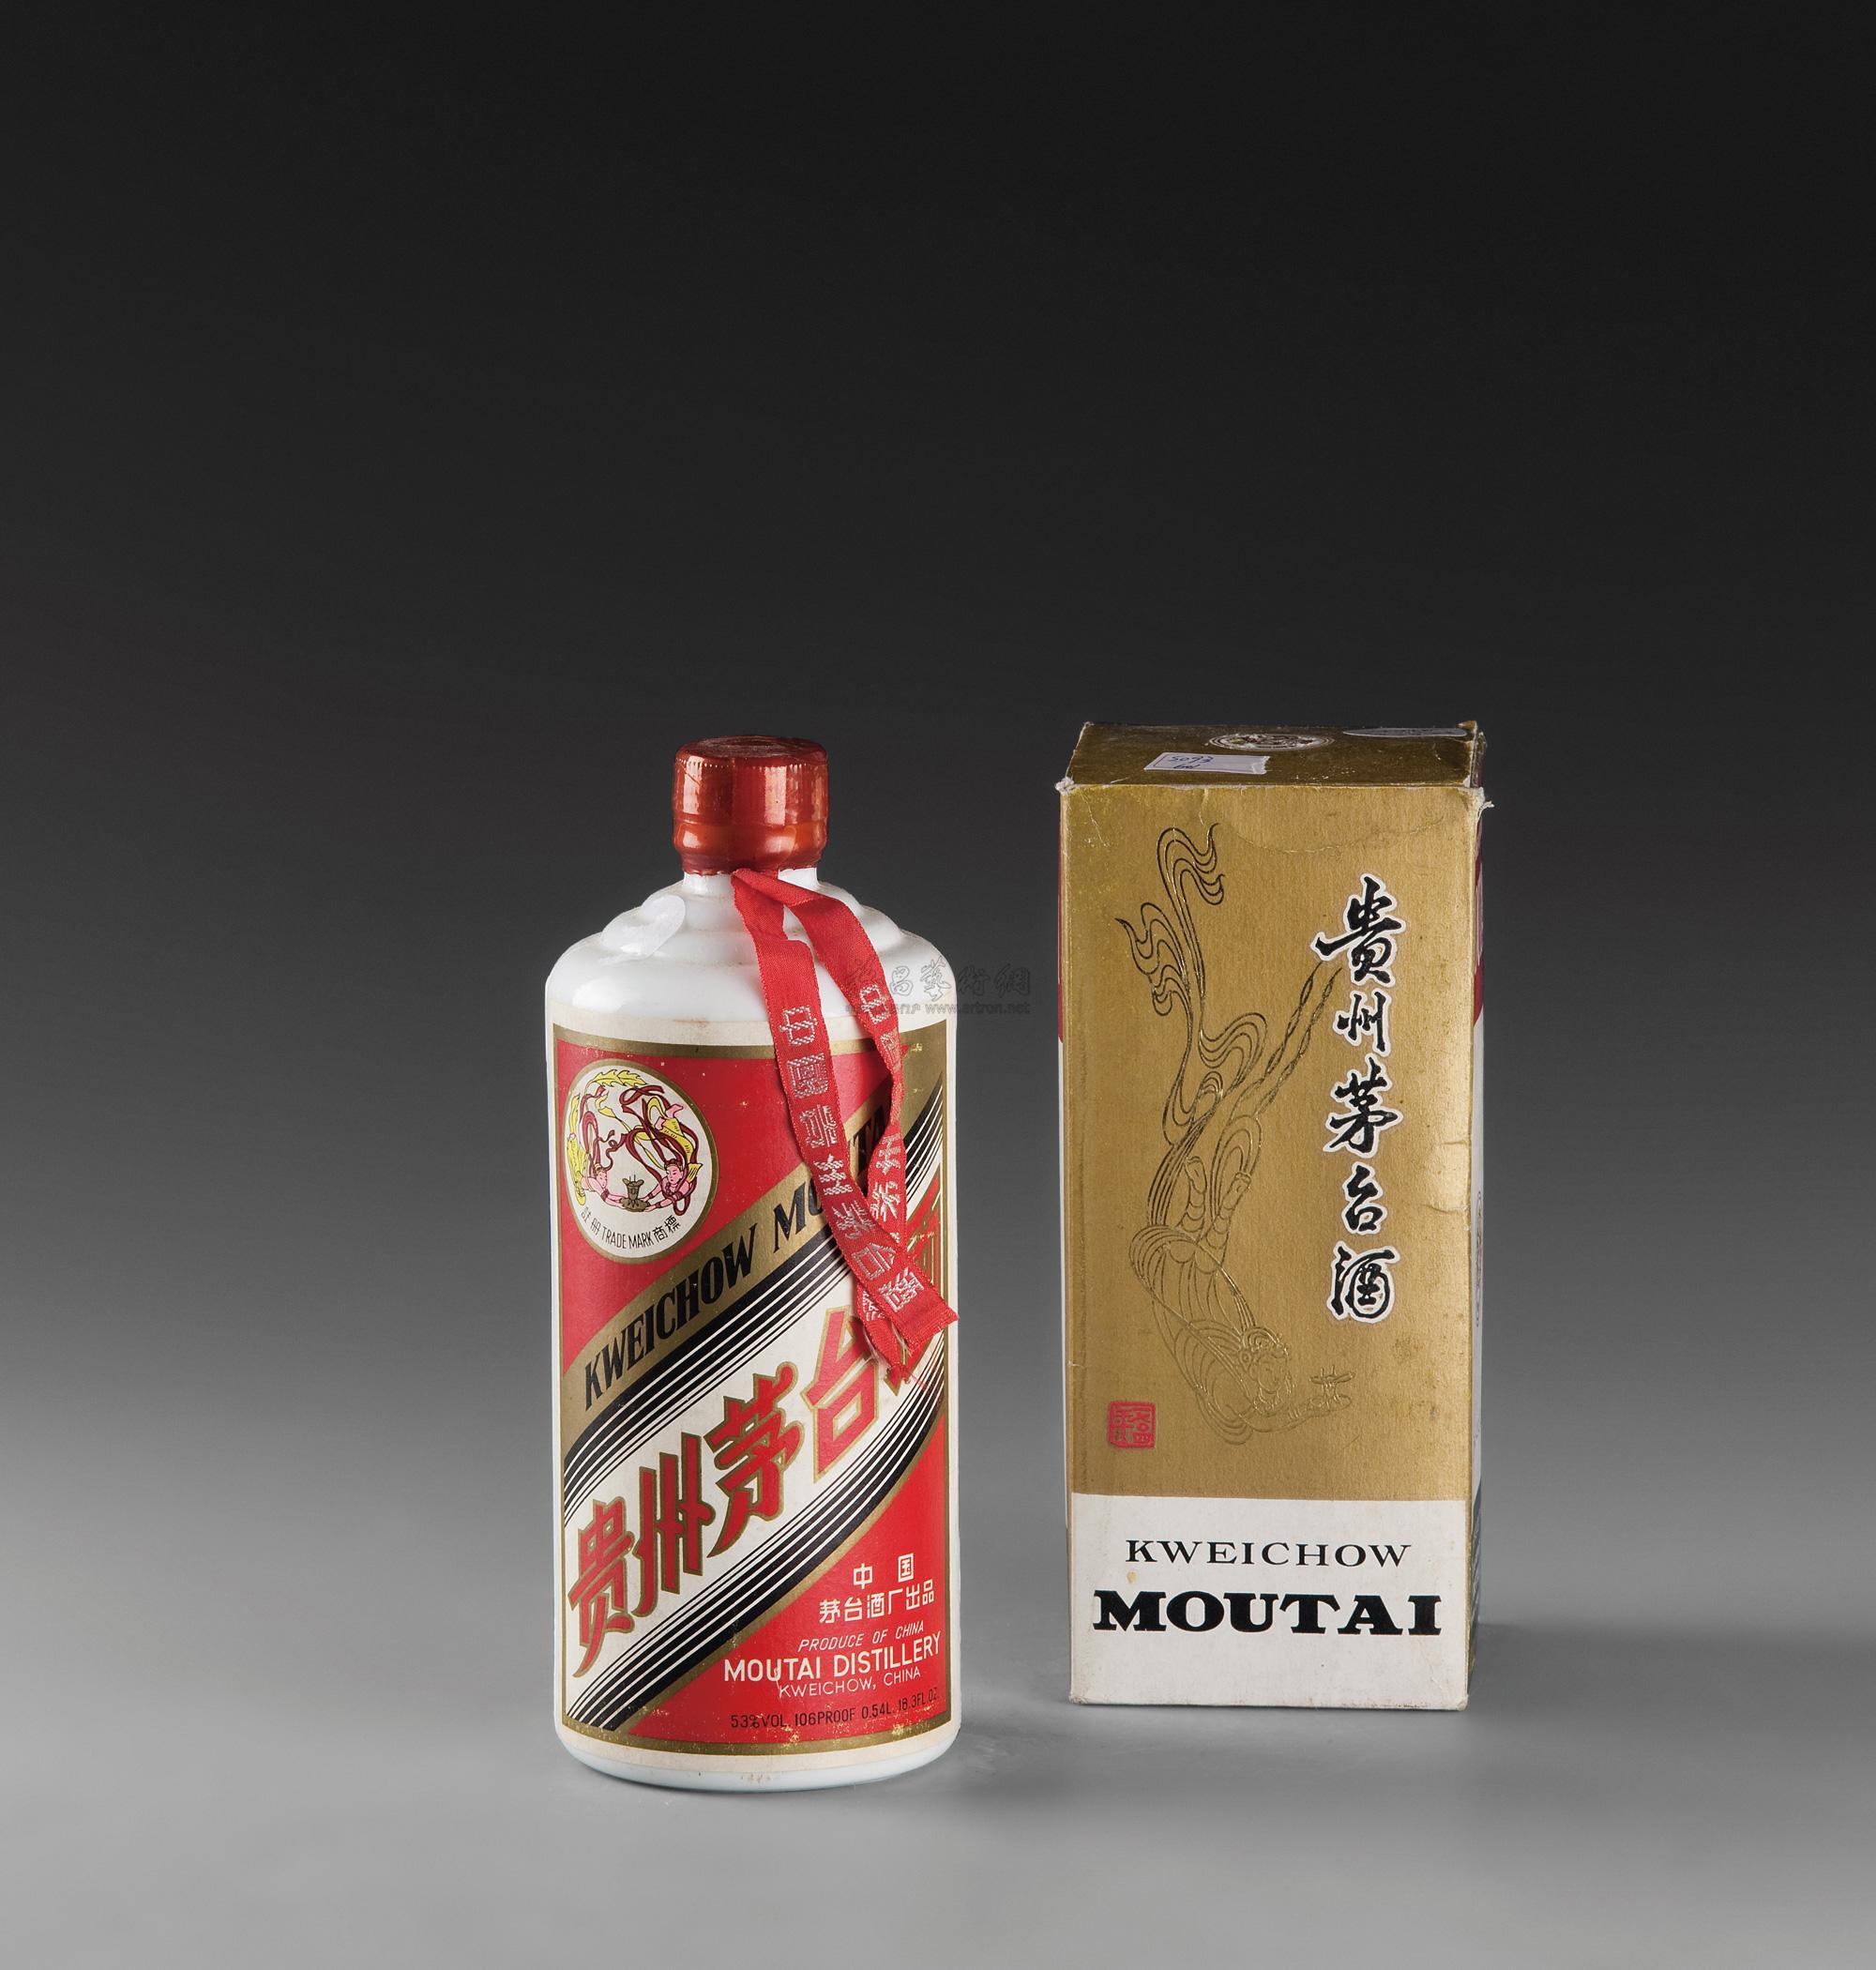 天图案的酒飞天贵州茅台酒-飞天图案的酒